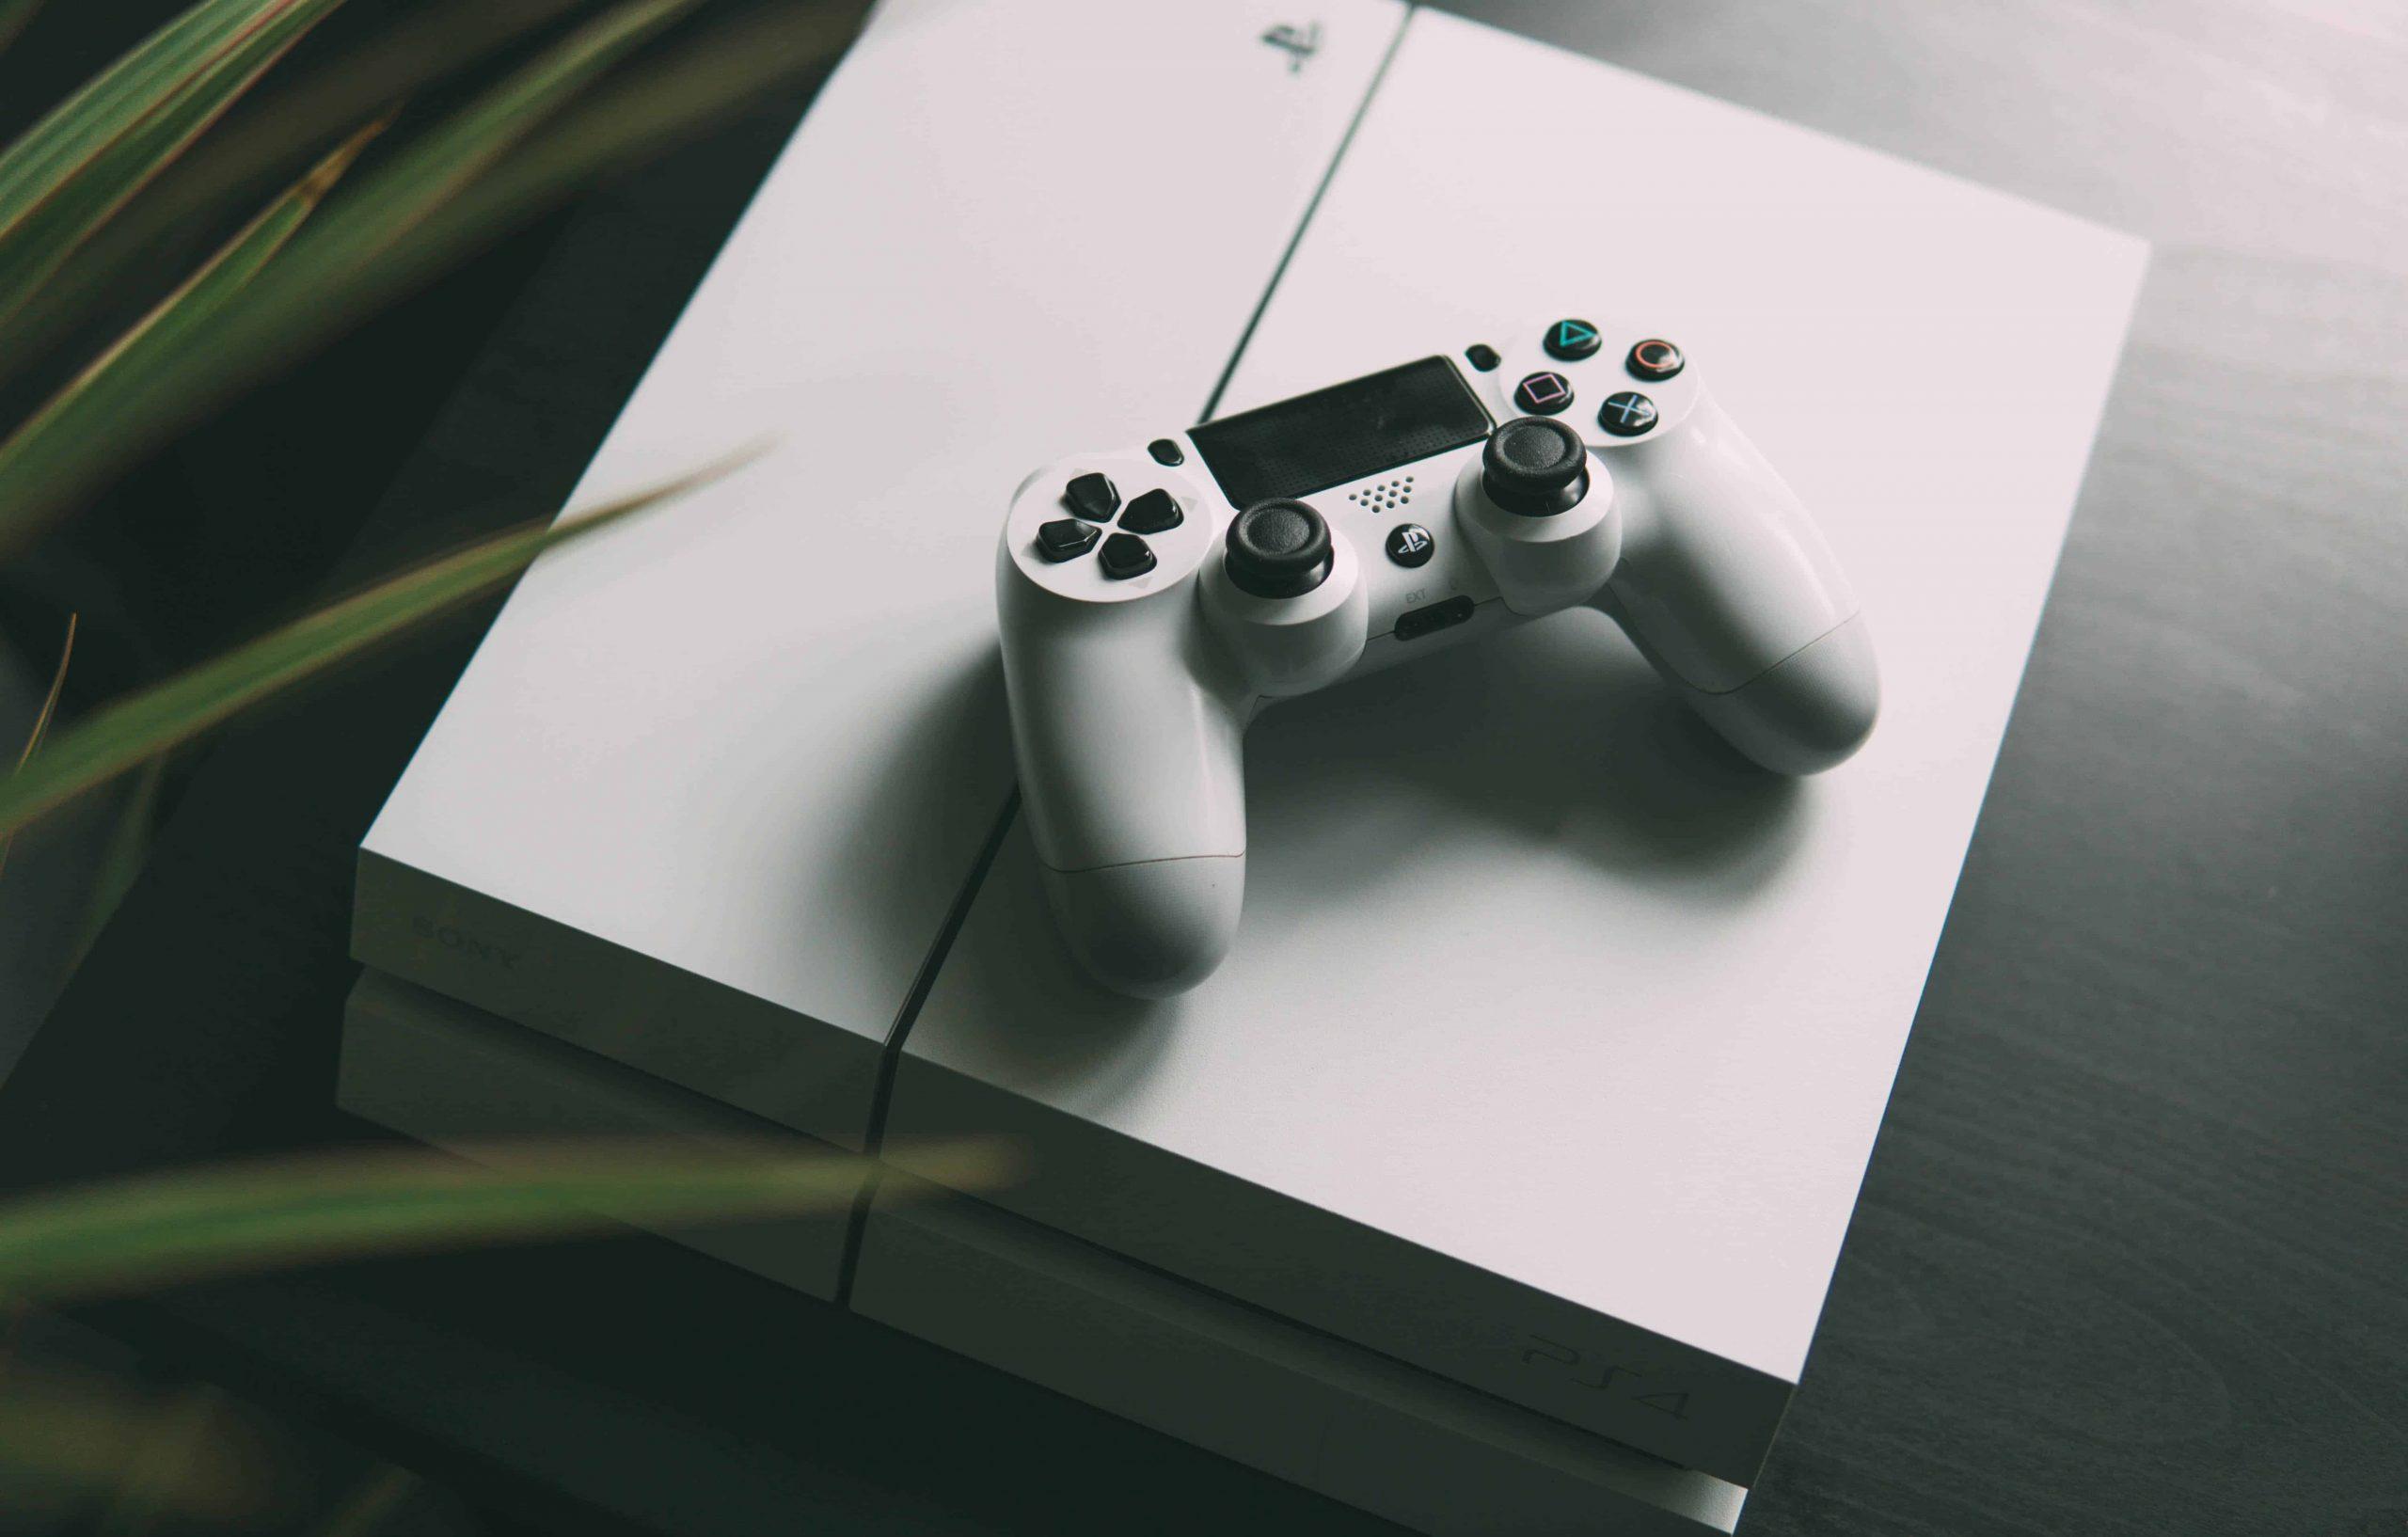 Juegos para PS4: ¿Cuál es el mejor del 2021?